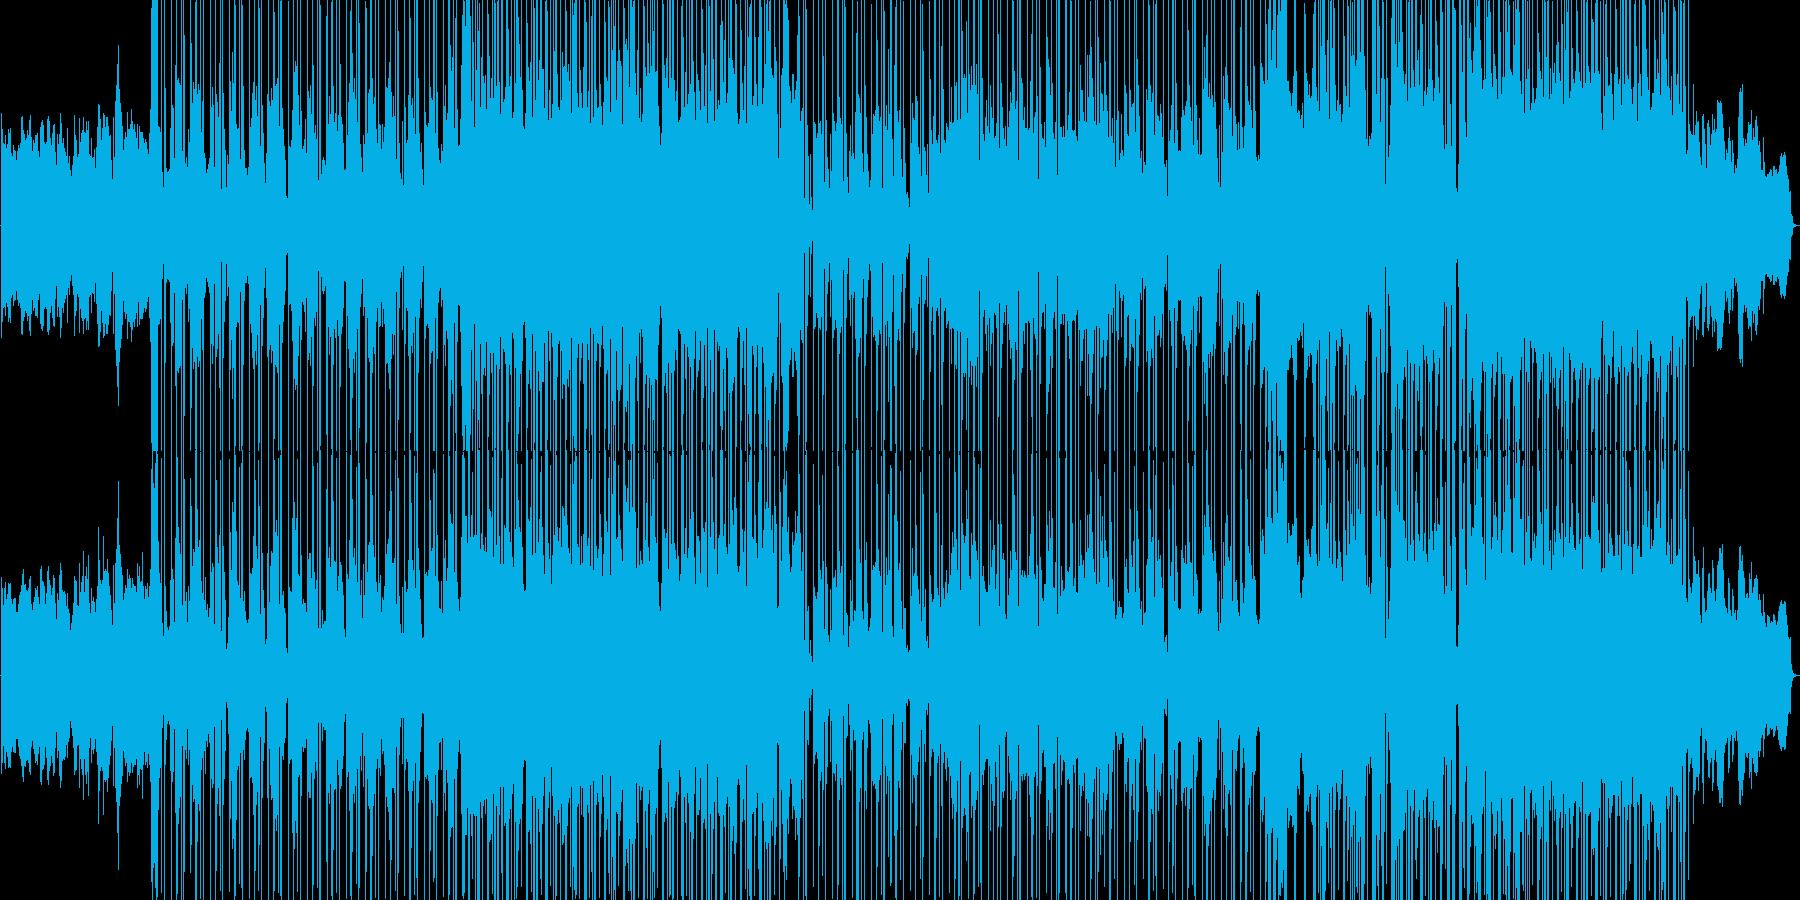 R&B風のシンセが印象的なポップバラードの再生済みの波形